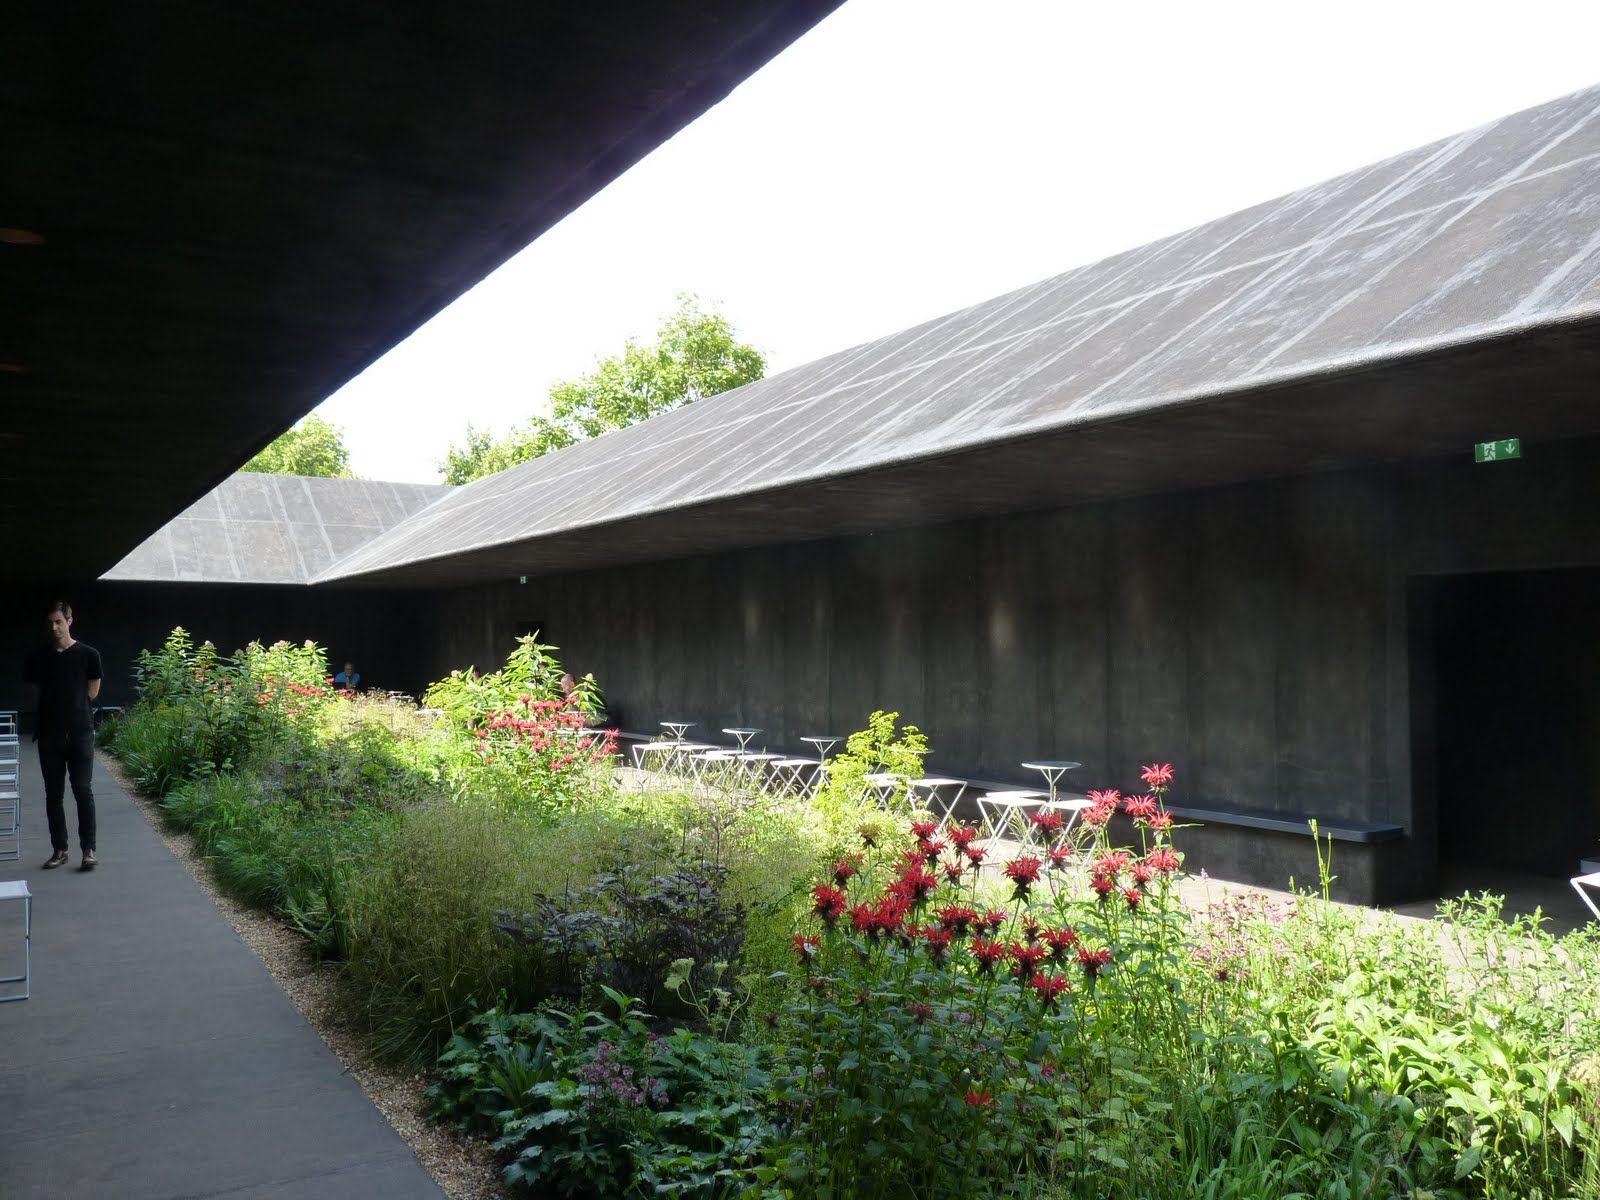 Serpentine courtyard Peter Zumthor Architecture